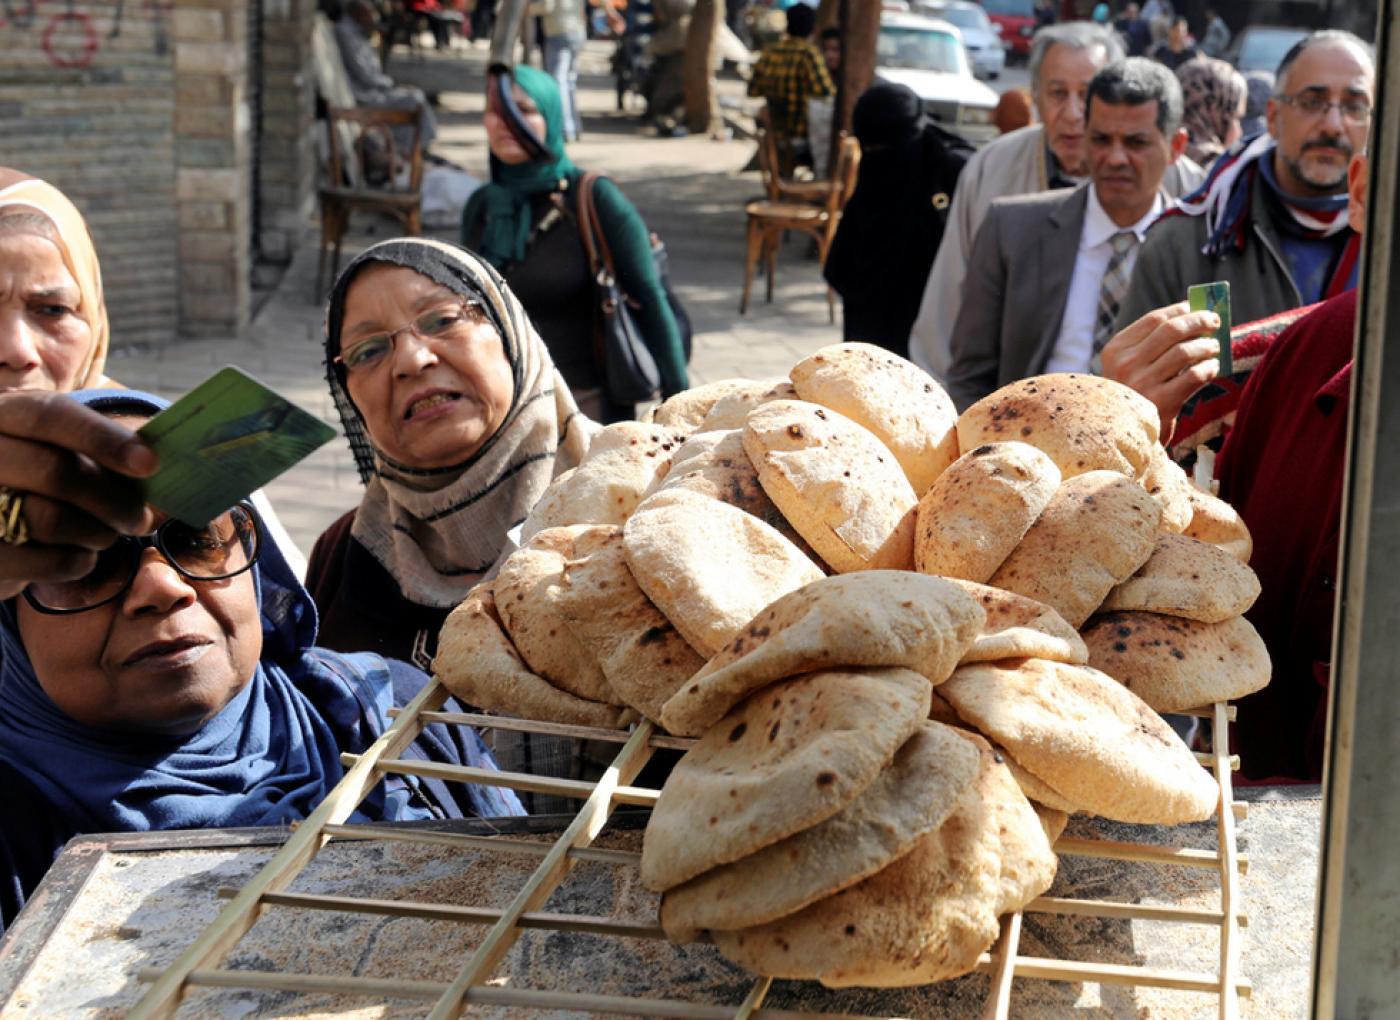 Cuộc cải cách trợ giá người nghèo gây tranh cãi ở Ai Cập